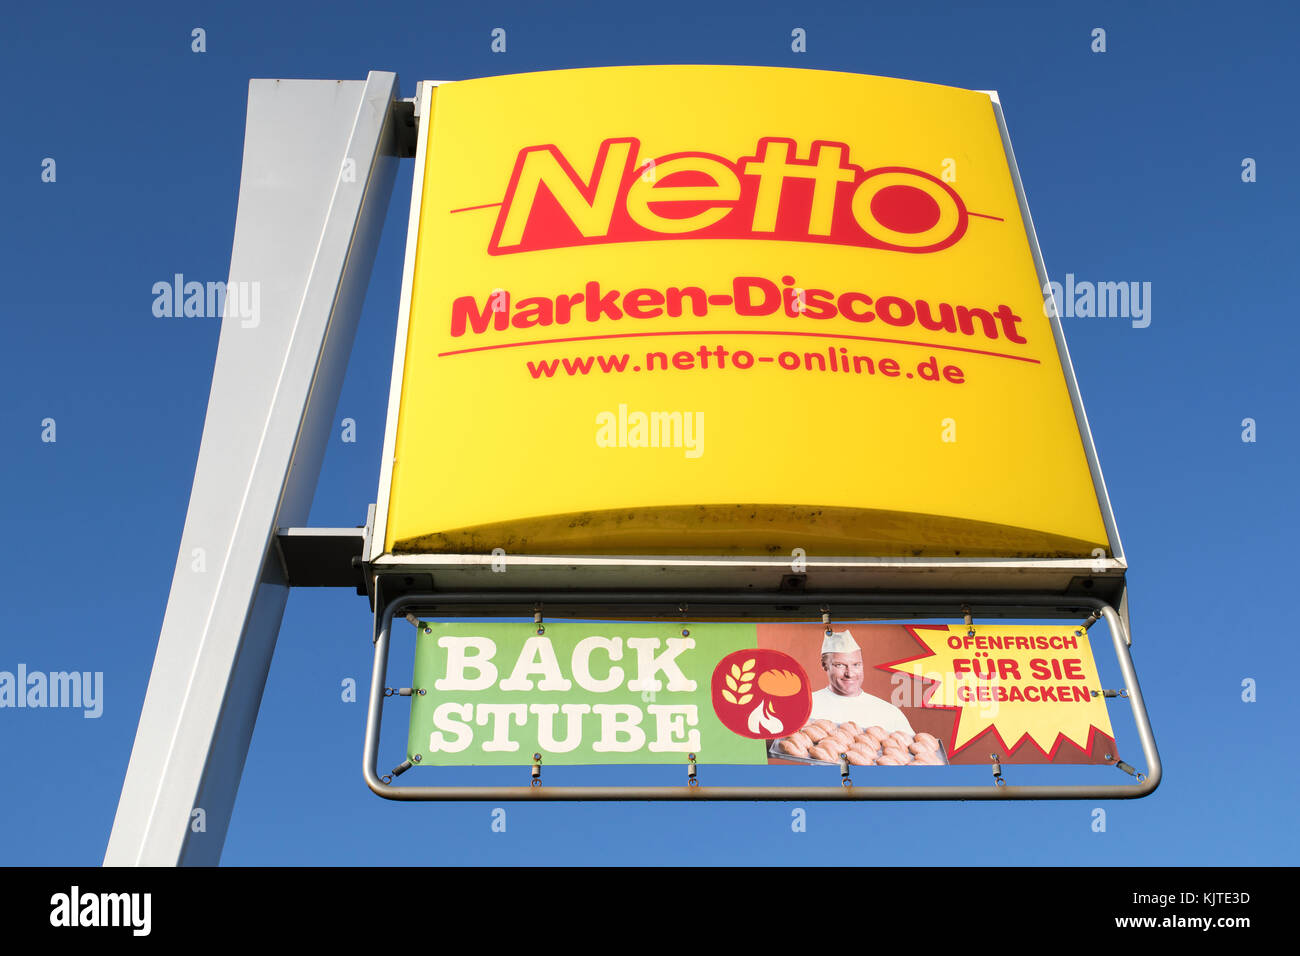 Netto Gelb Werbung